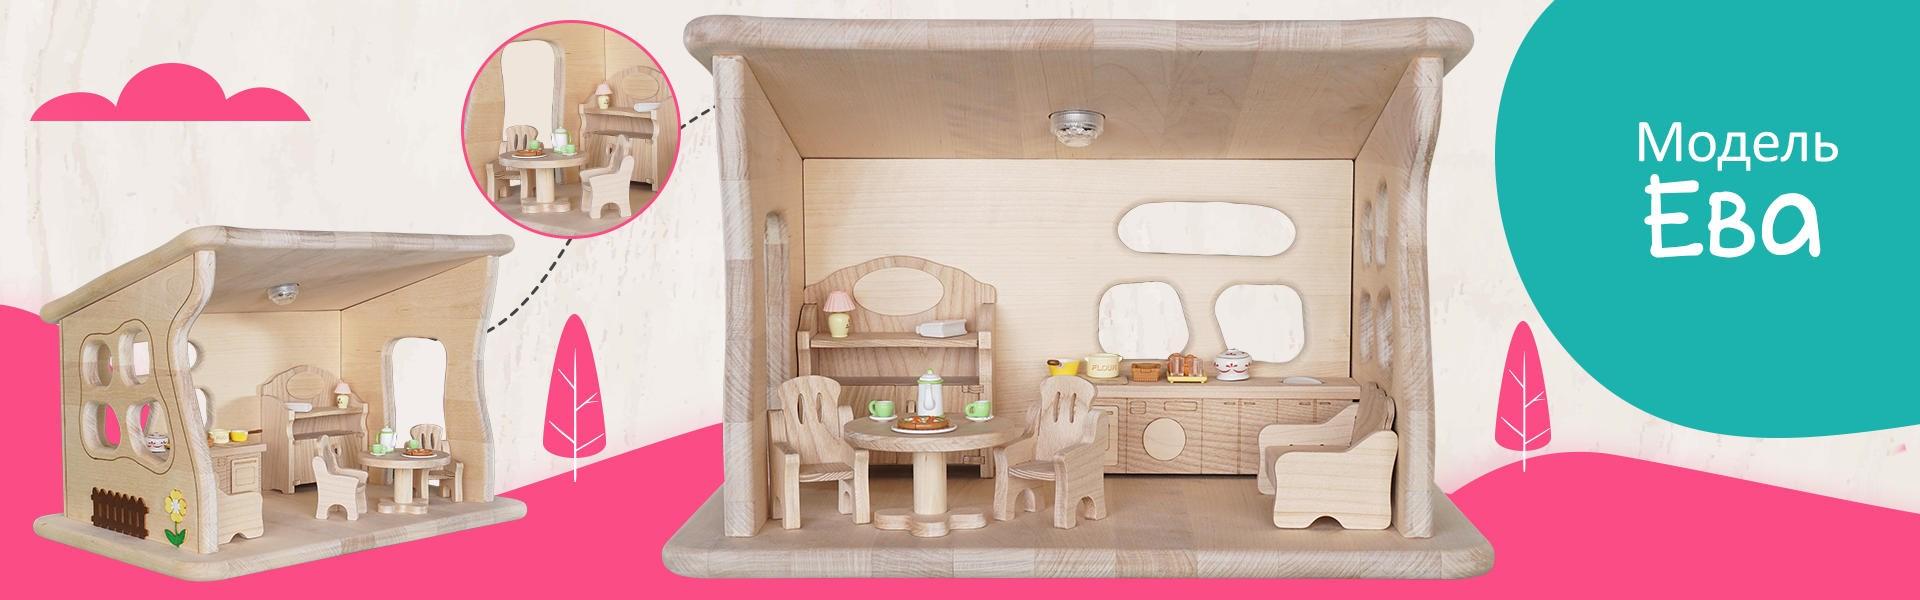 Кукольный домик ЕВА - фото 5162